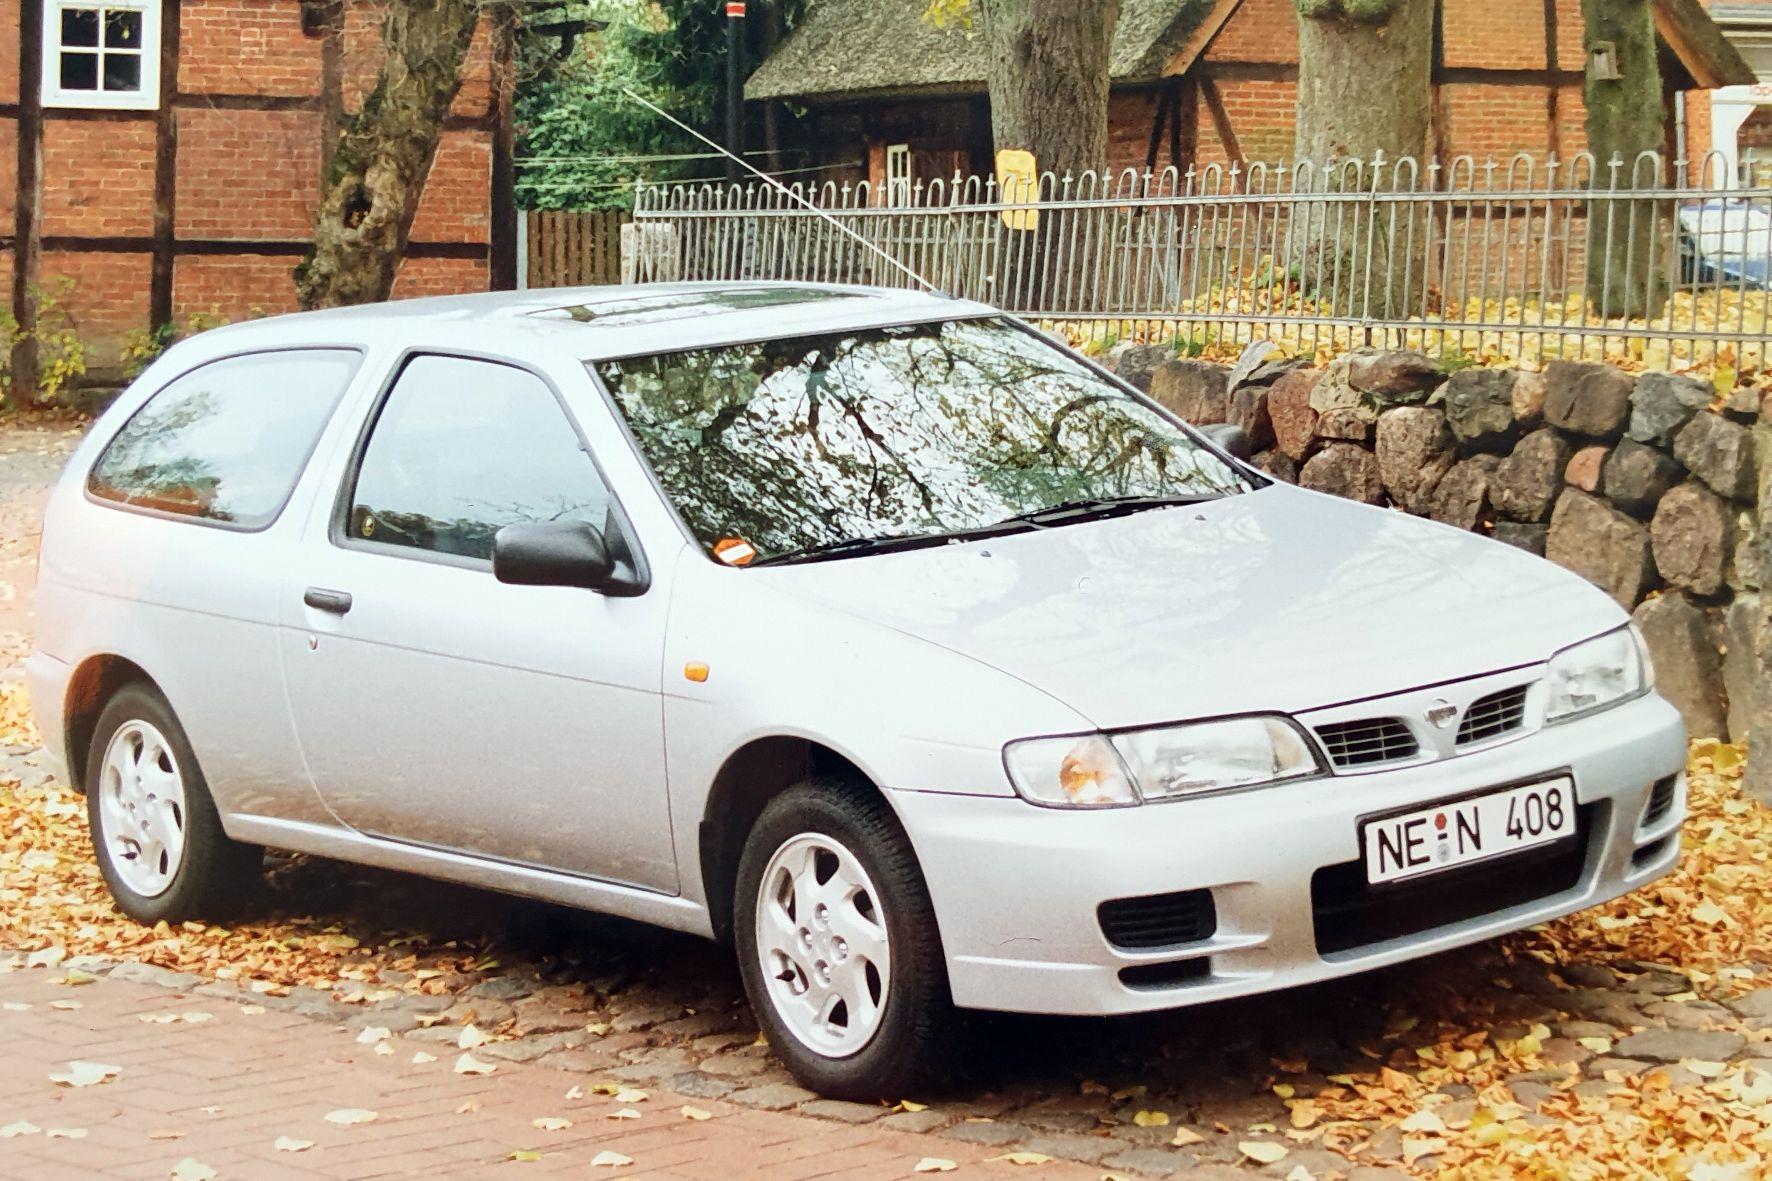 mid Groß-Gerau - Auf Sunny folgte Almera. Ab November 1995 stand der neue Kompakte von Nissan in drei Karosserievarianten und vorerst zwei Motorisierungen bei den Händlern. Archiv Motor-Informations-Dienst (mid)